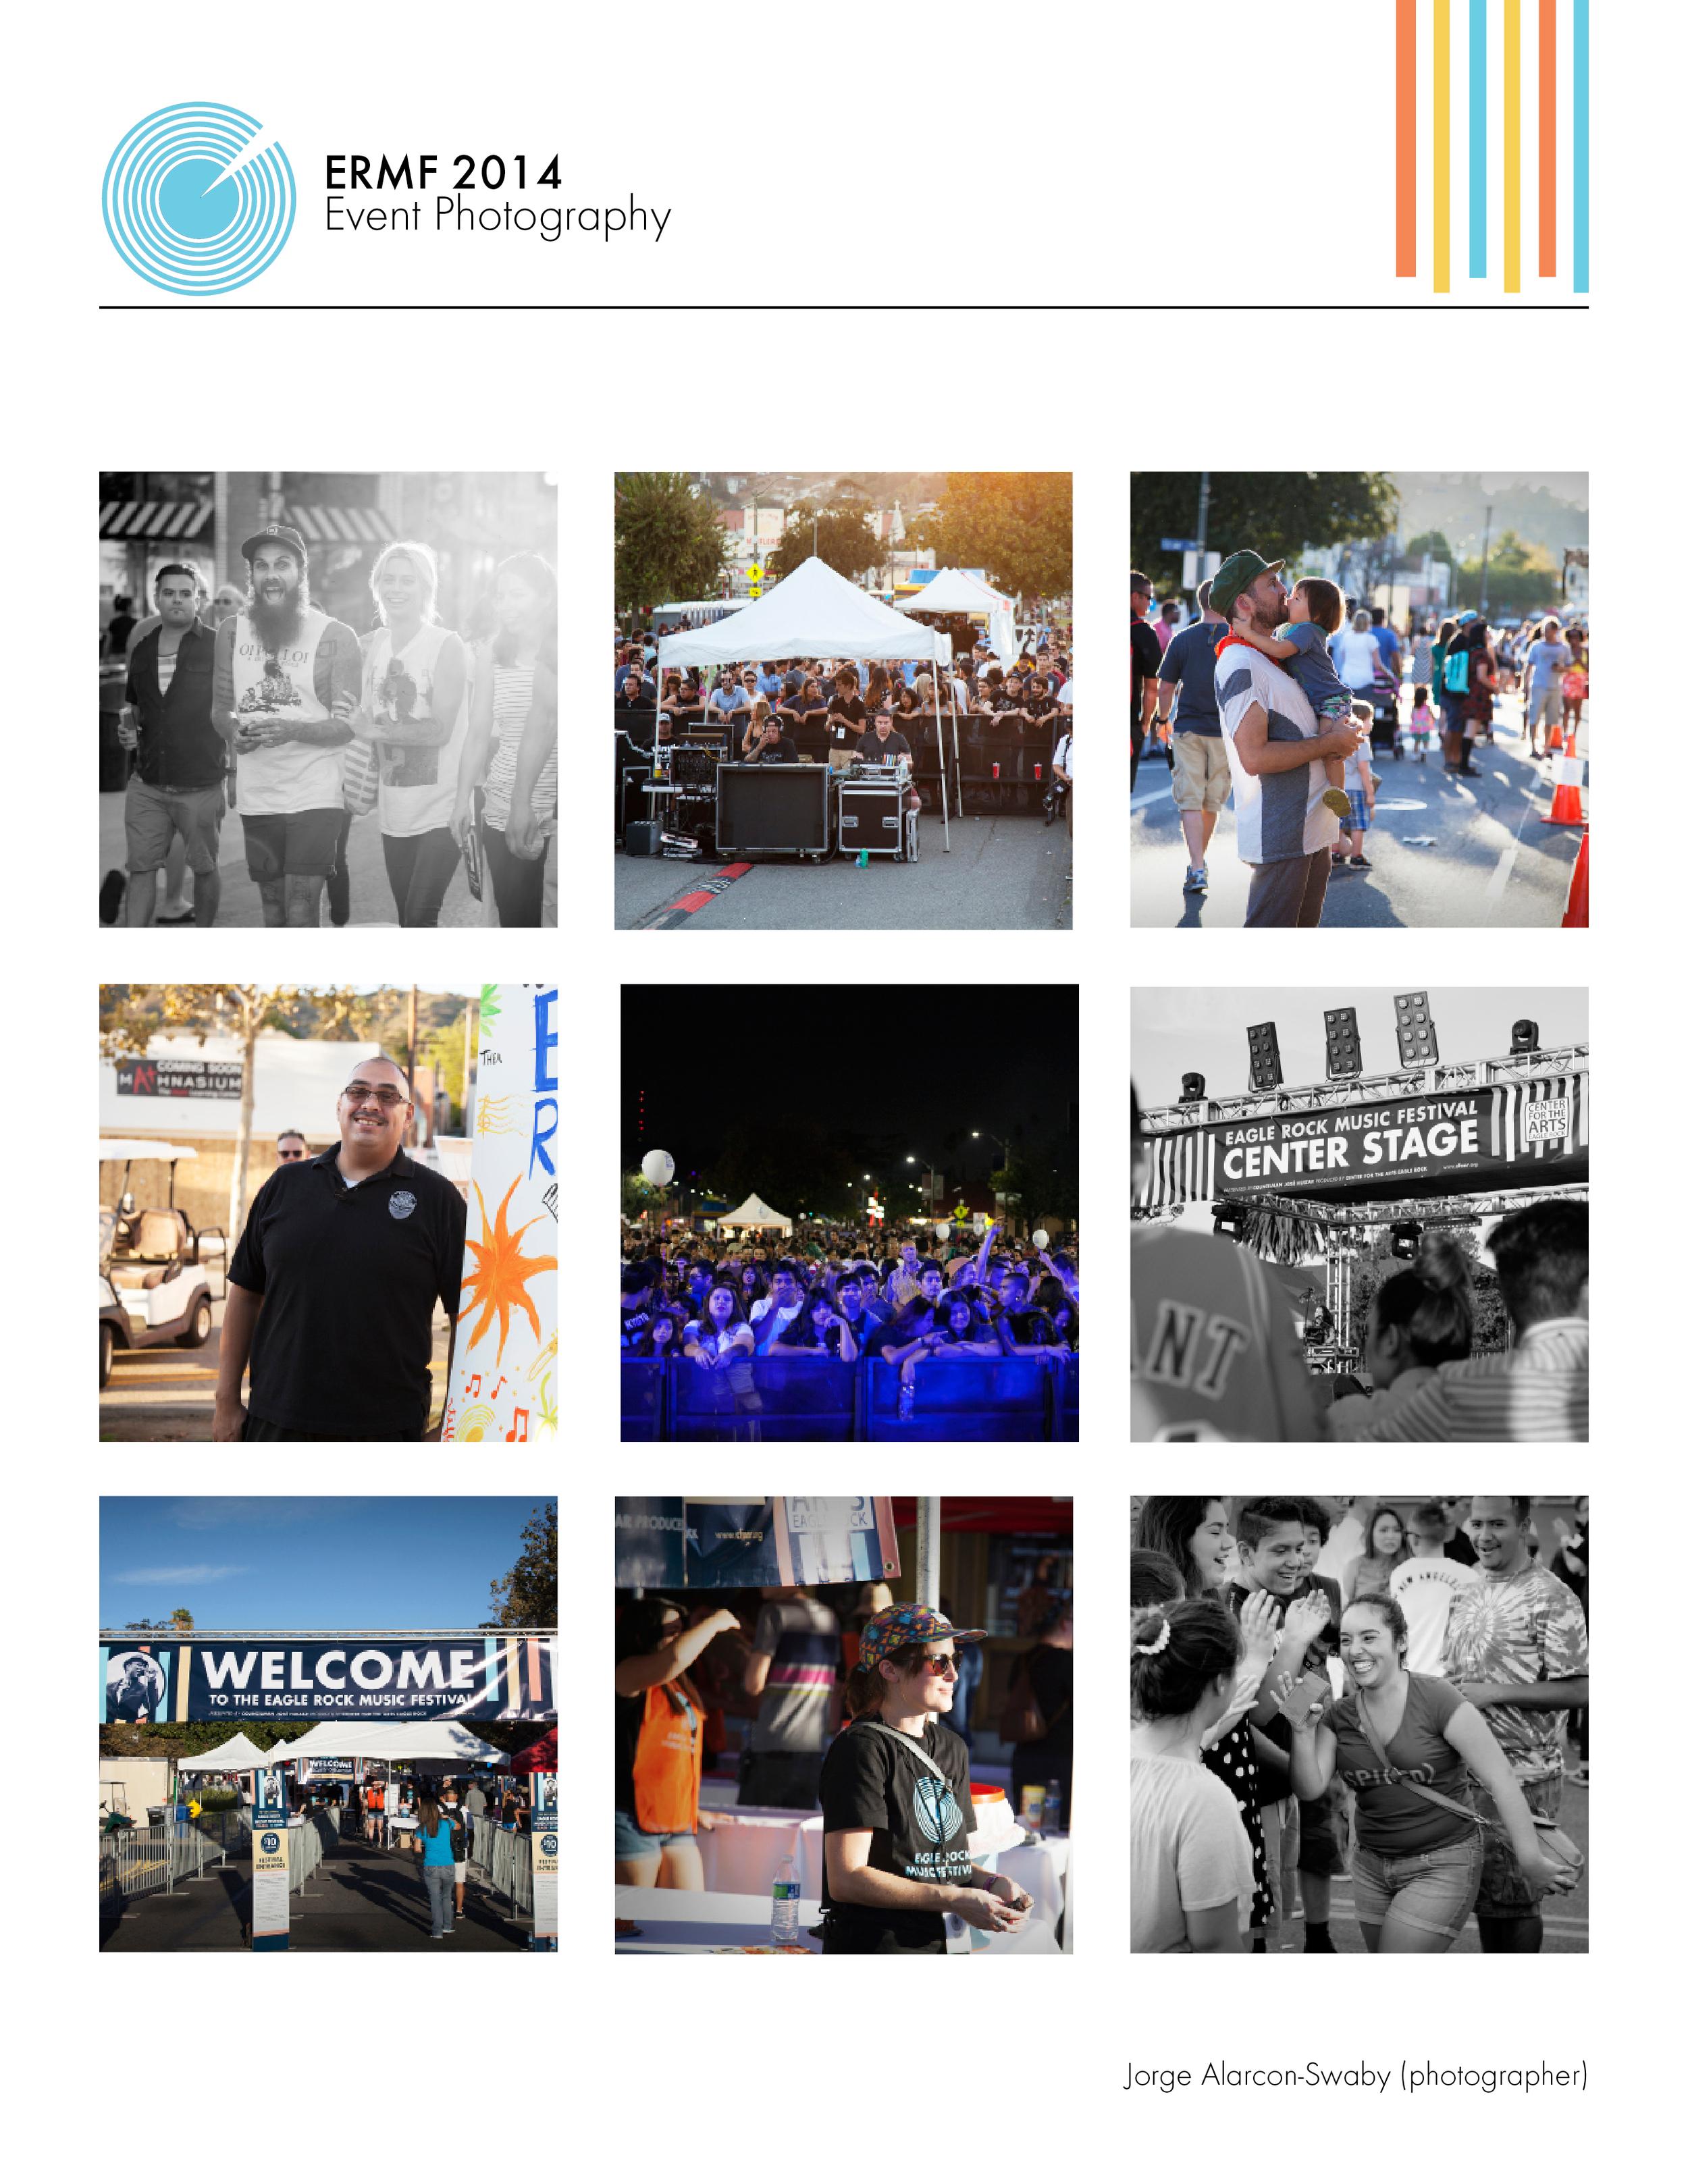 ERMF_ROI_2014_Website12.jpg